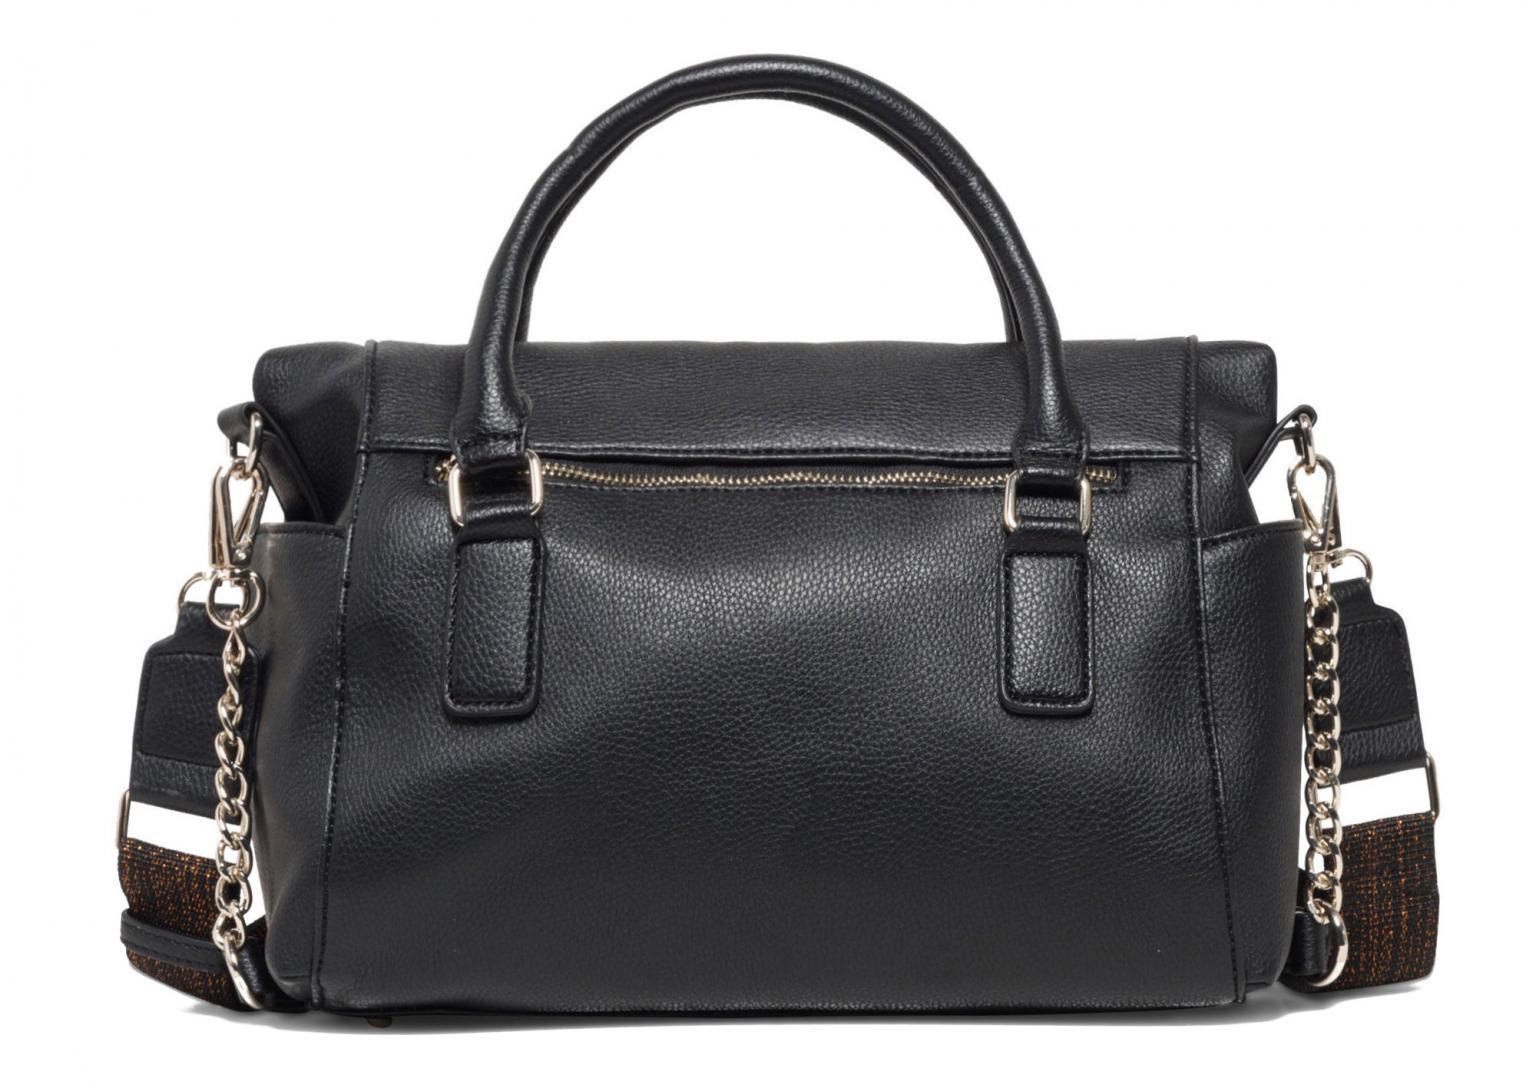 de627b254c9 Desigual Henkeltasche Dark Amber Loverty schwarz bestickt - Bags   more